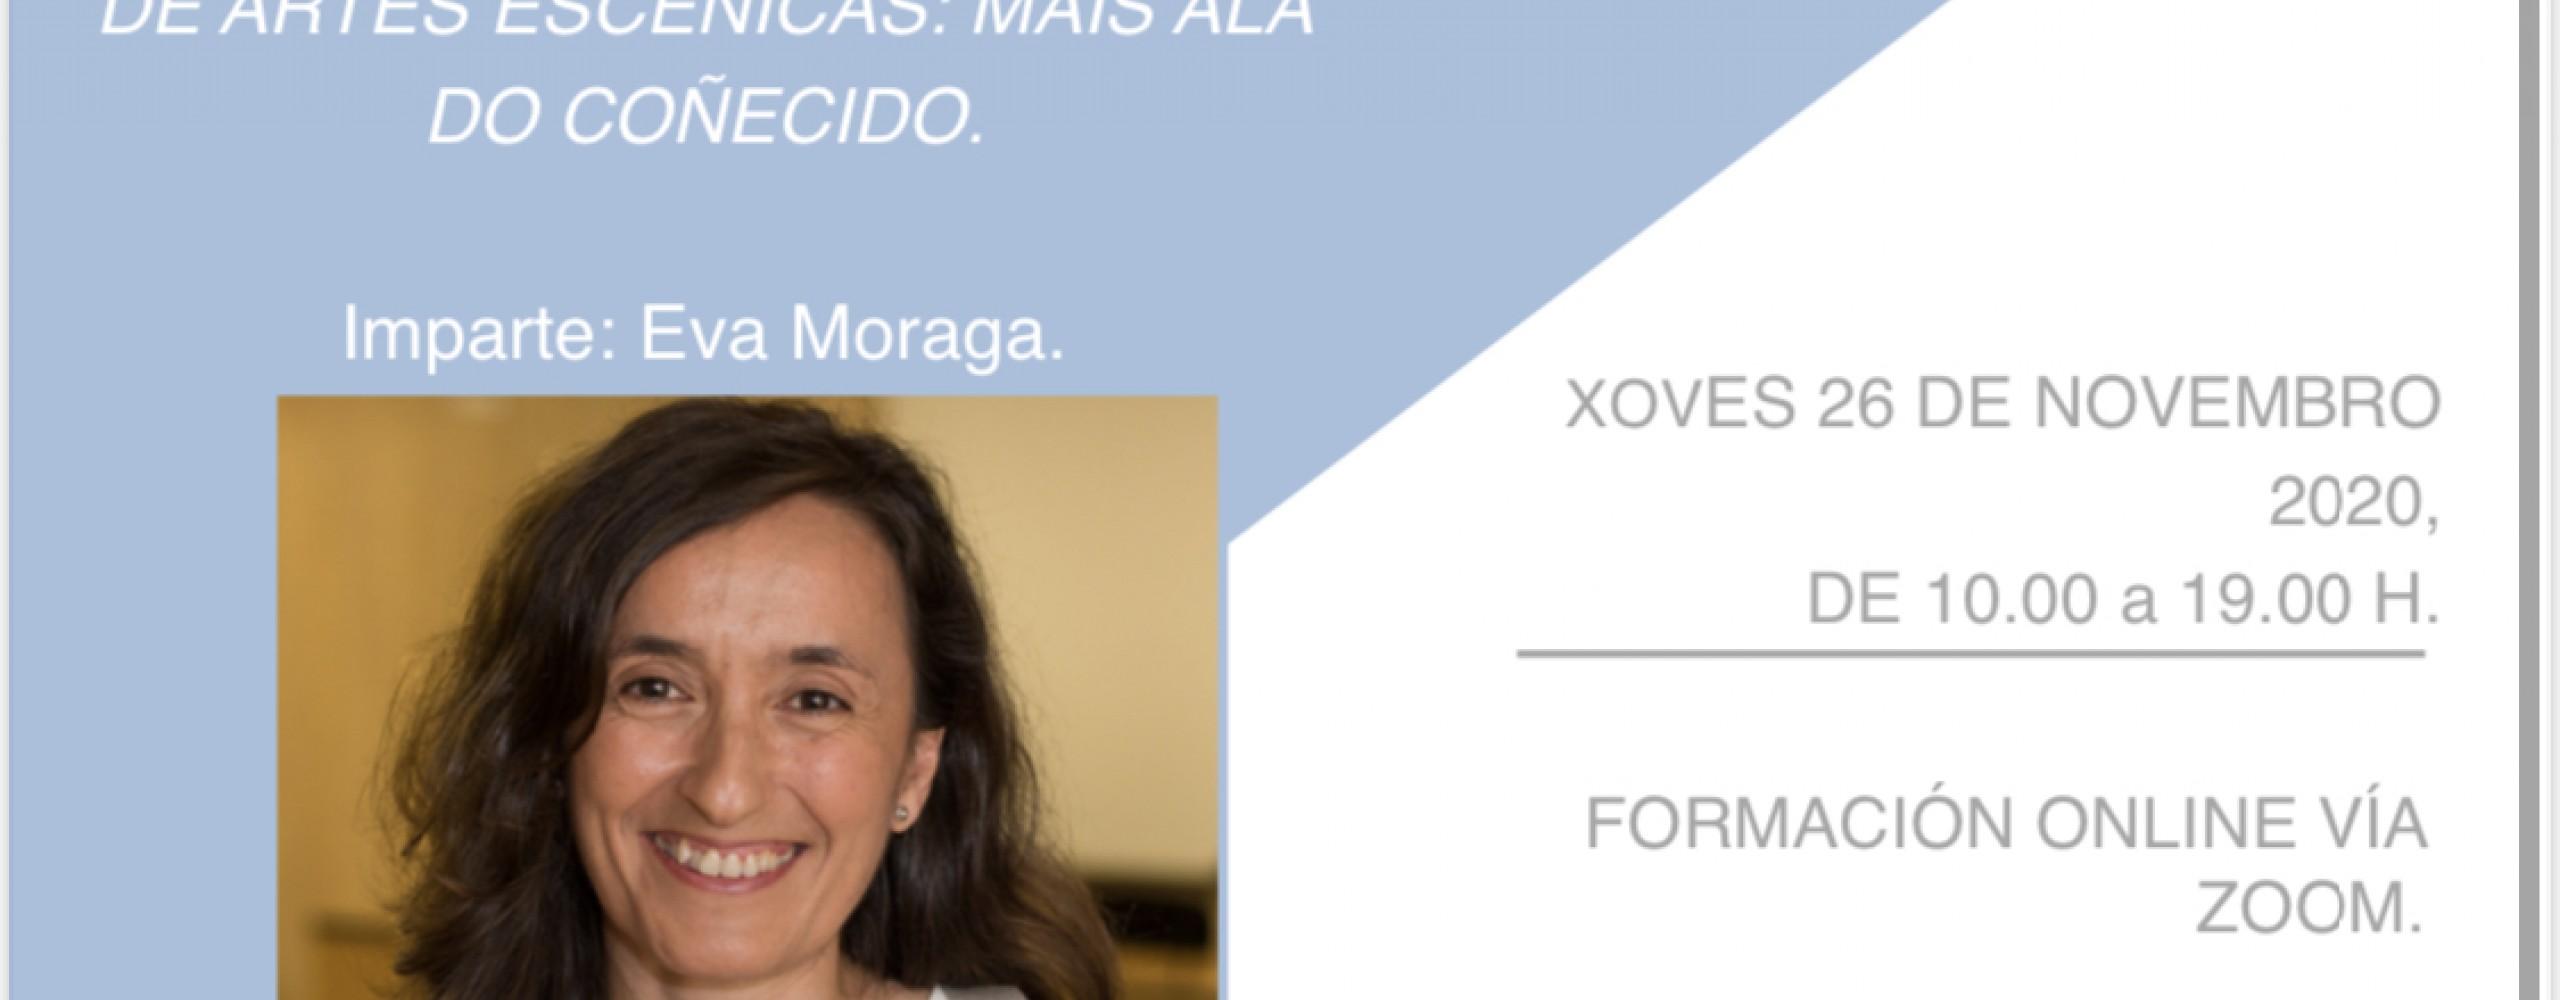 Escena Galega continúa sus jornadas de formación con un taller de financiación de proyectos de artes escénicas el 26 de noviembre